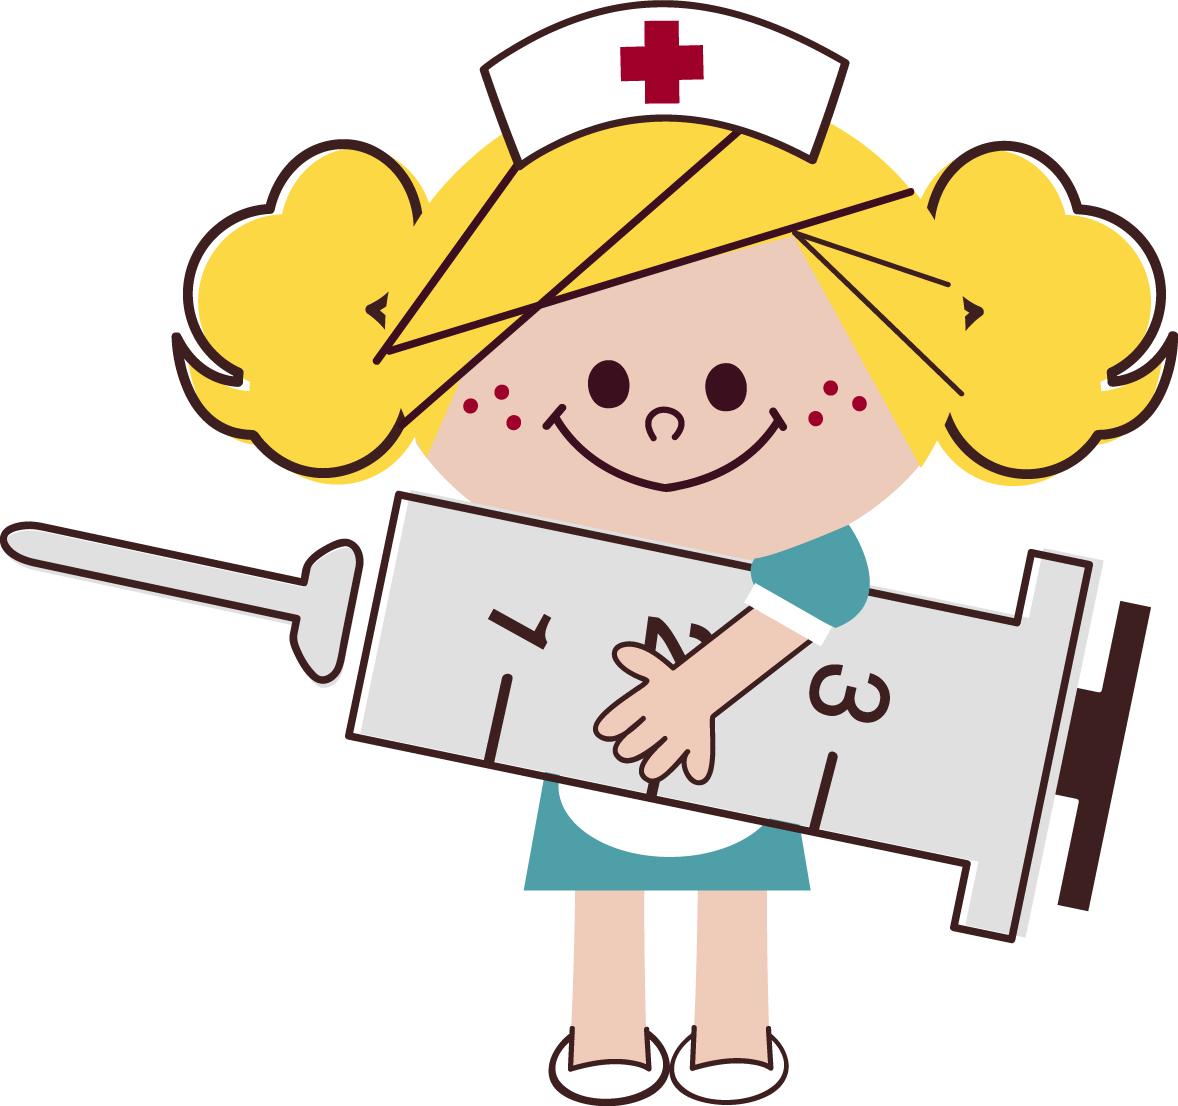 医師の指示で看護師が行う予防接種は違法?|Web …